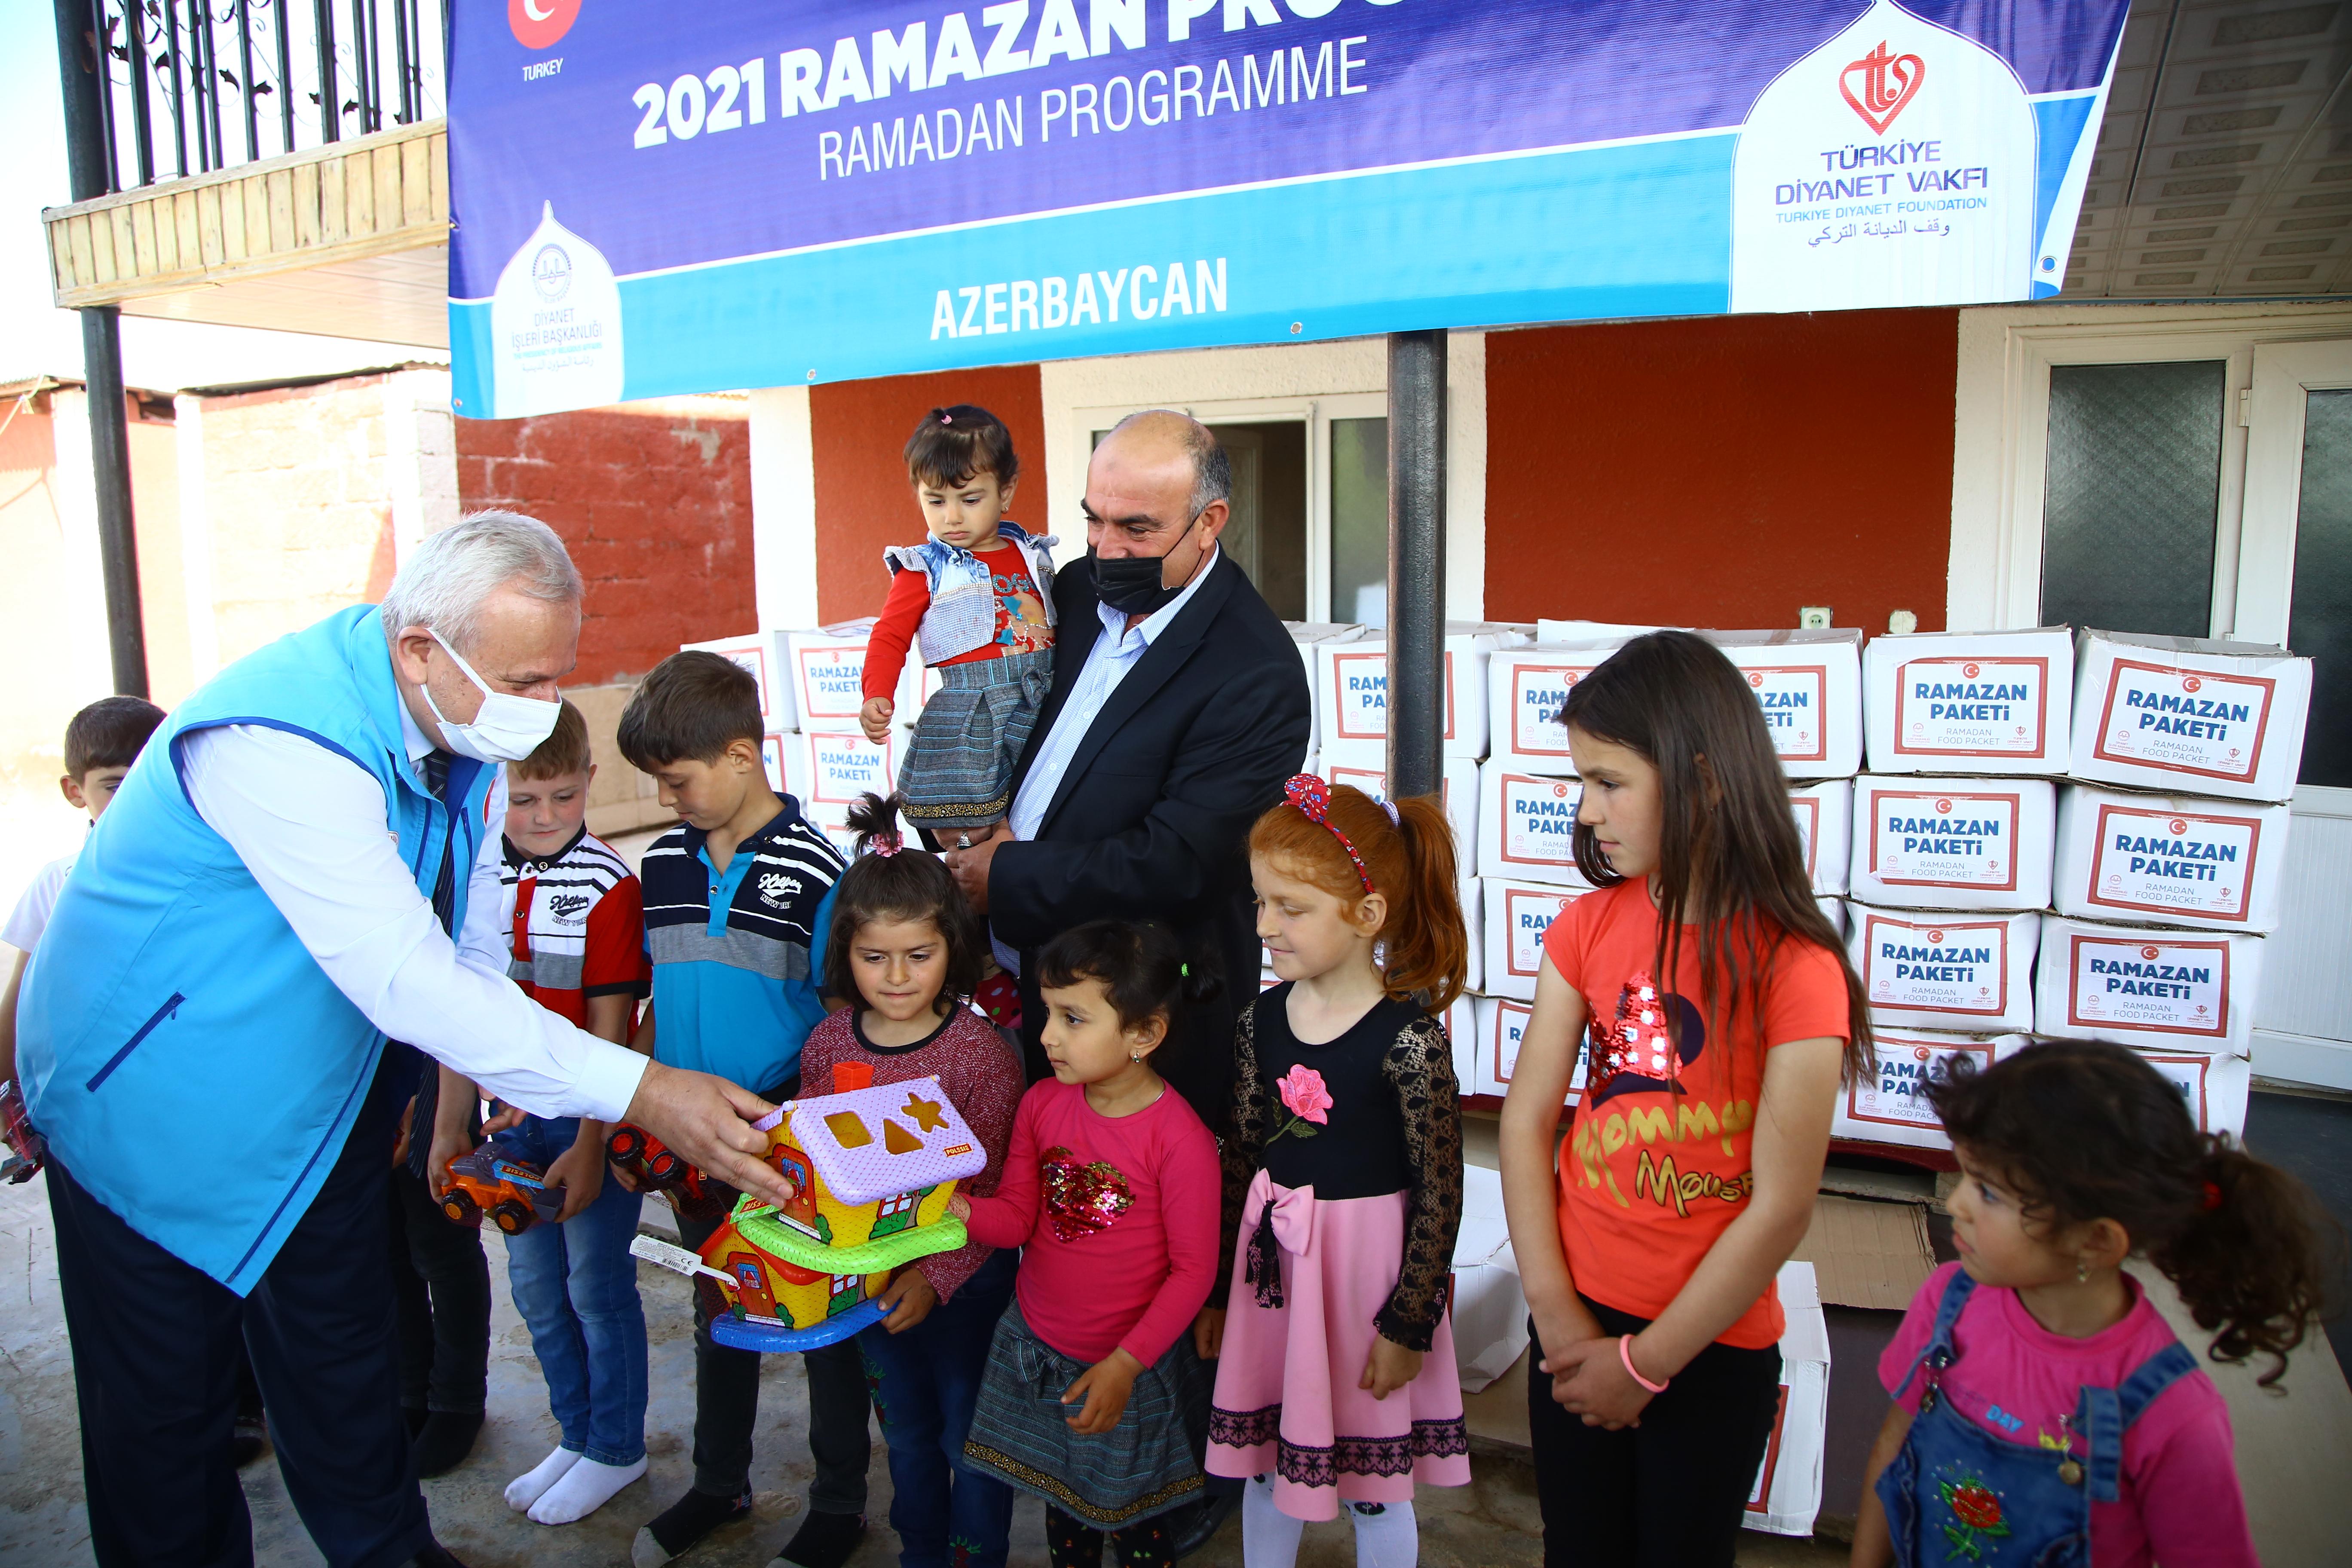 Azerbaycan'daki ihtiyaç sahibi ailelere Türkiye Diyanet Vakfı'ndan yardım eli